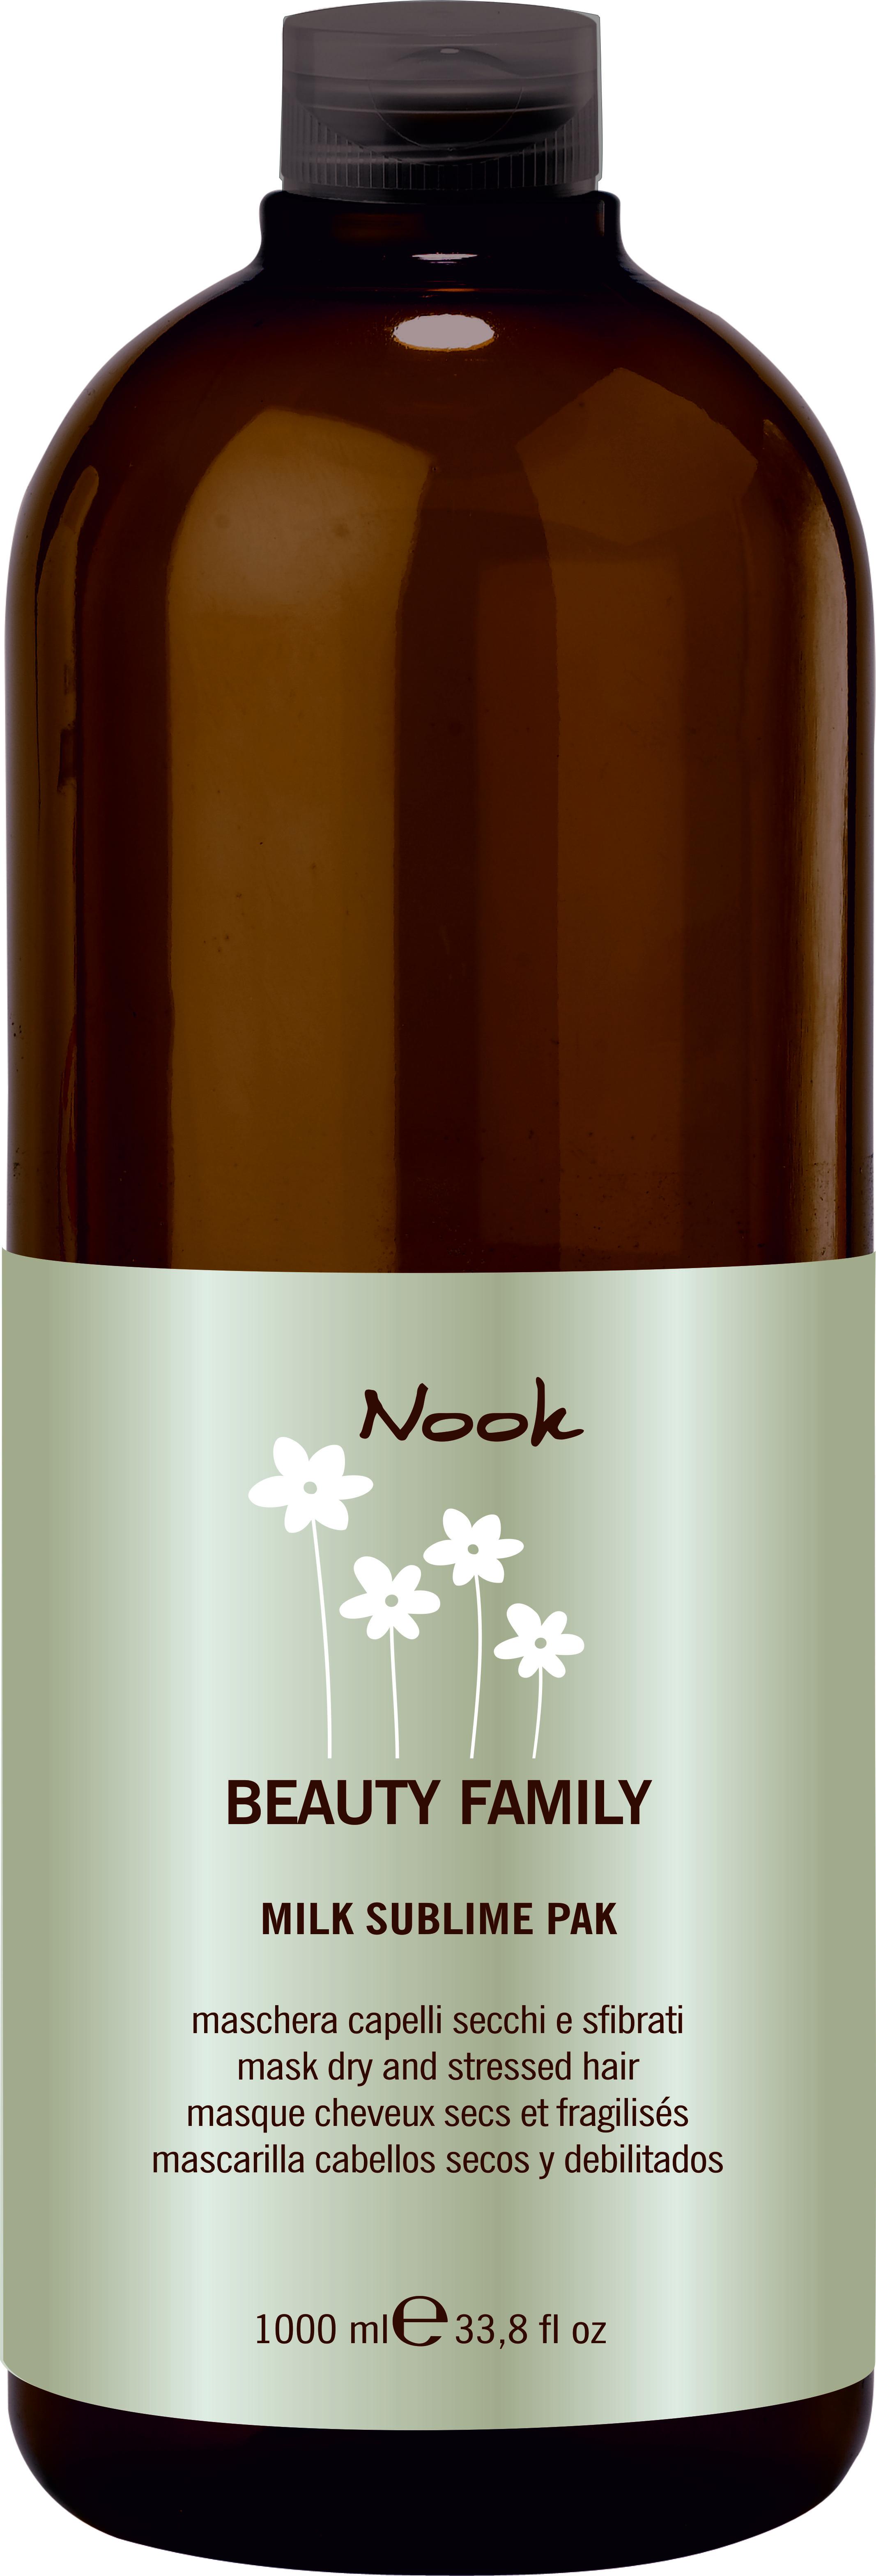 NOOK Маска для поврежденных волос Ph 4,7 / Milk Sublime Pak BEAUTY FAMILY 1000 мл